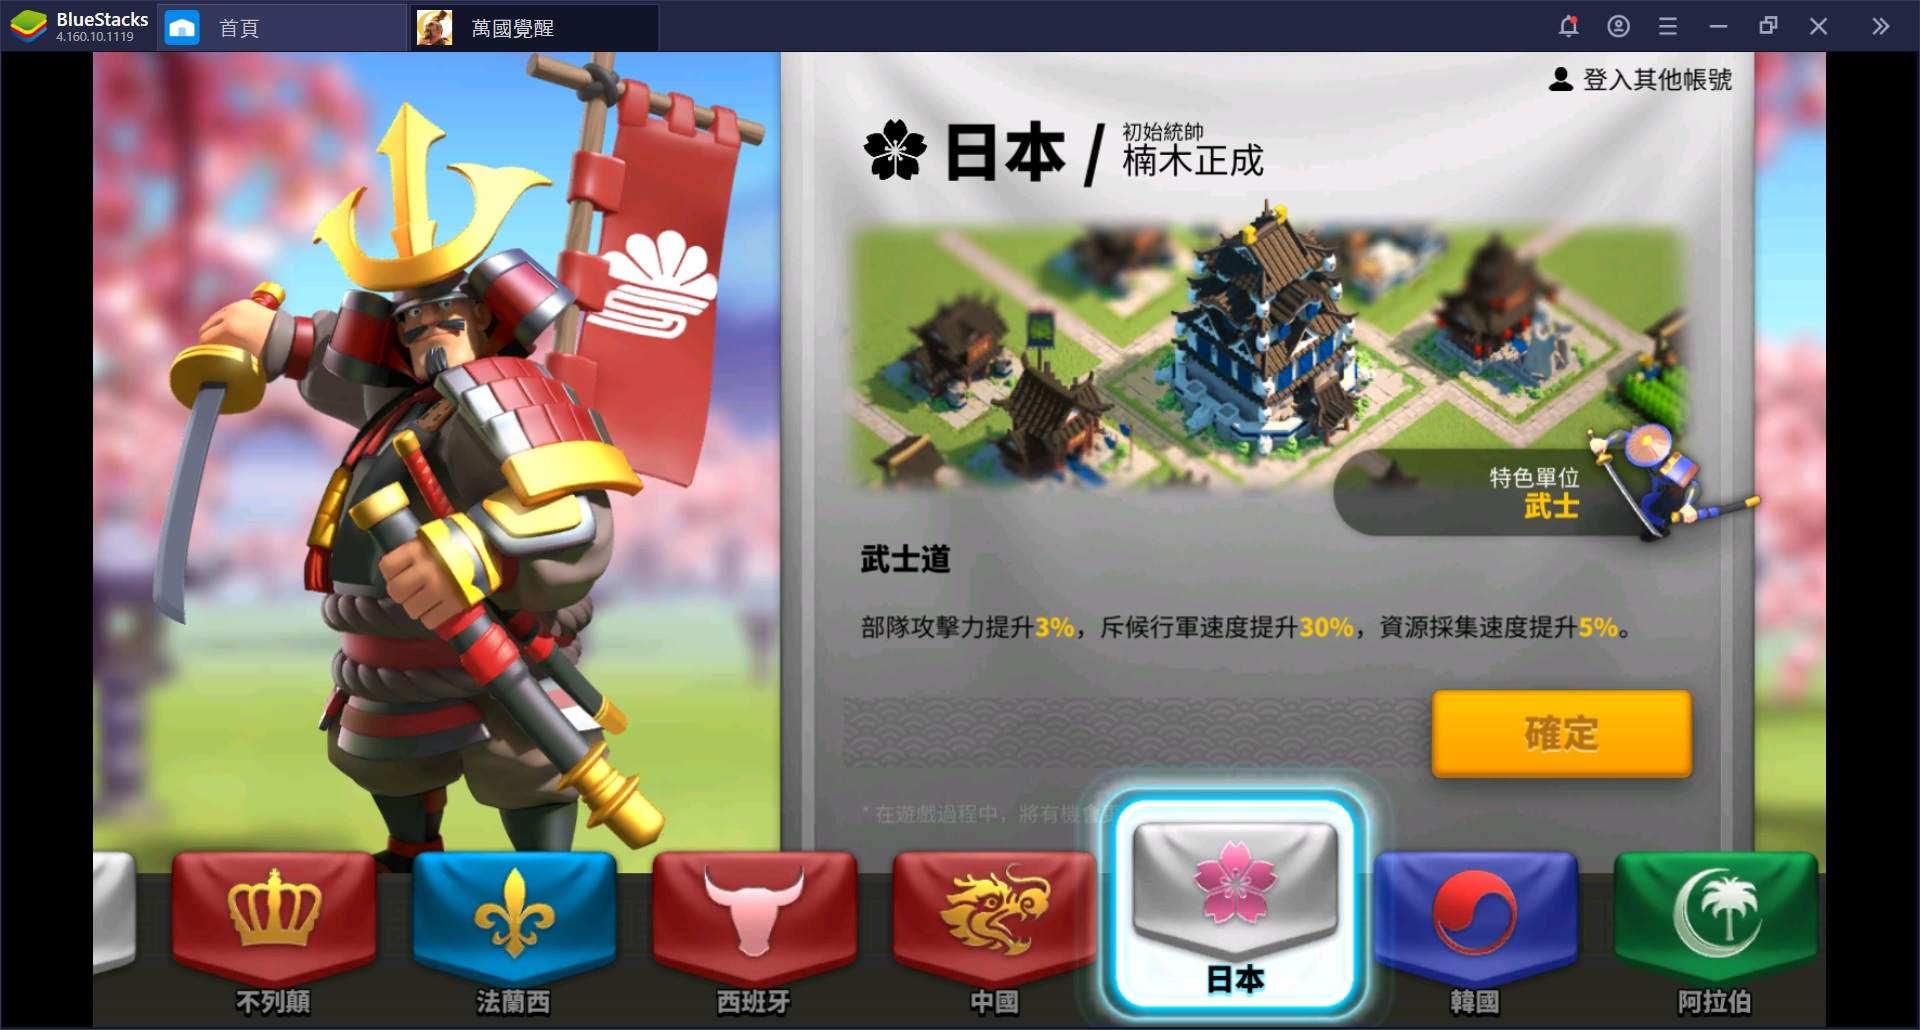 使用BlueStacks在電腦上體驗即時策略手機遊戲《萬國覺醒》